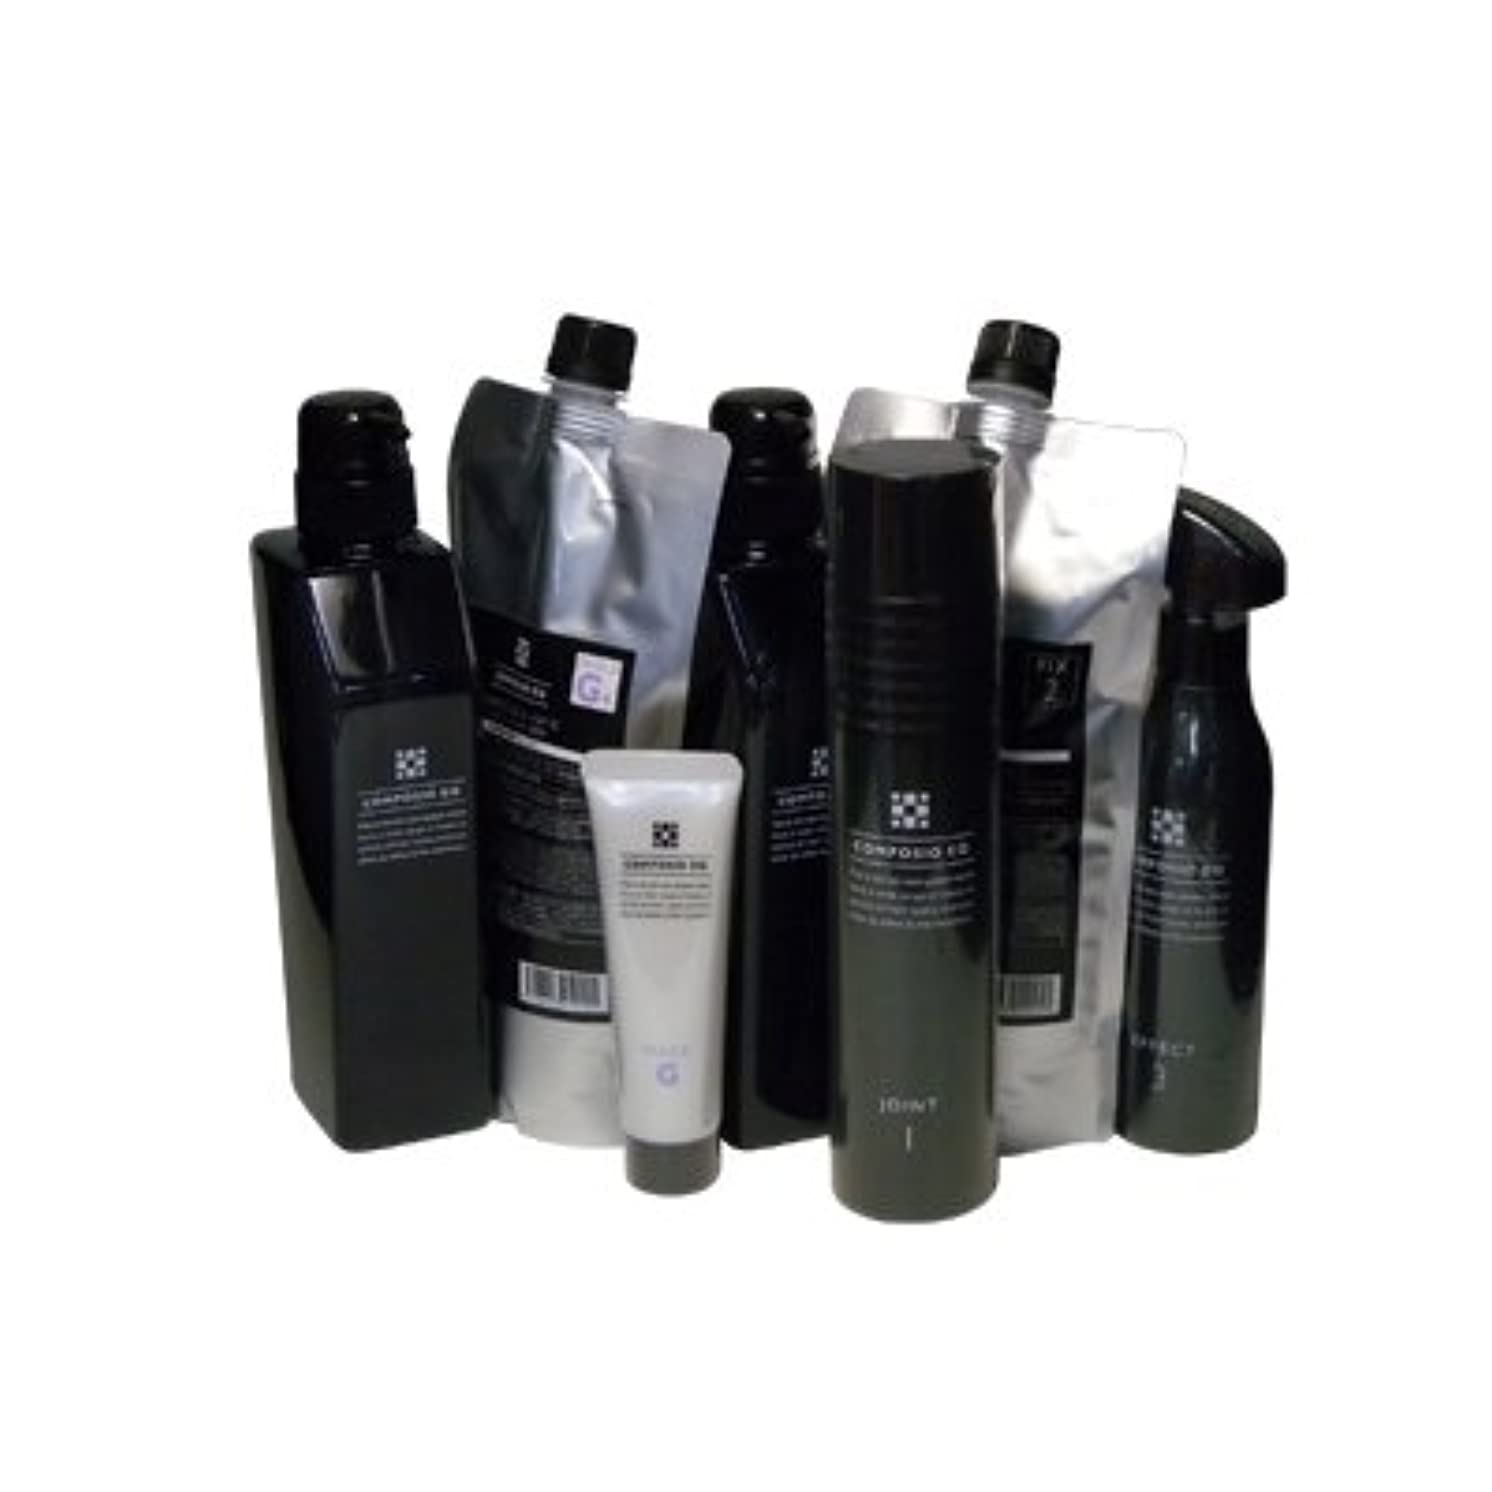 配当反動スカートデミ コンポジオ EQ フルセットG(ジョイント+フィックス+エフェクト+シールドG+マスクG)